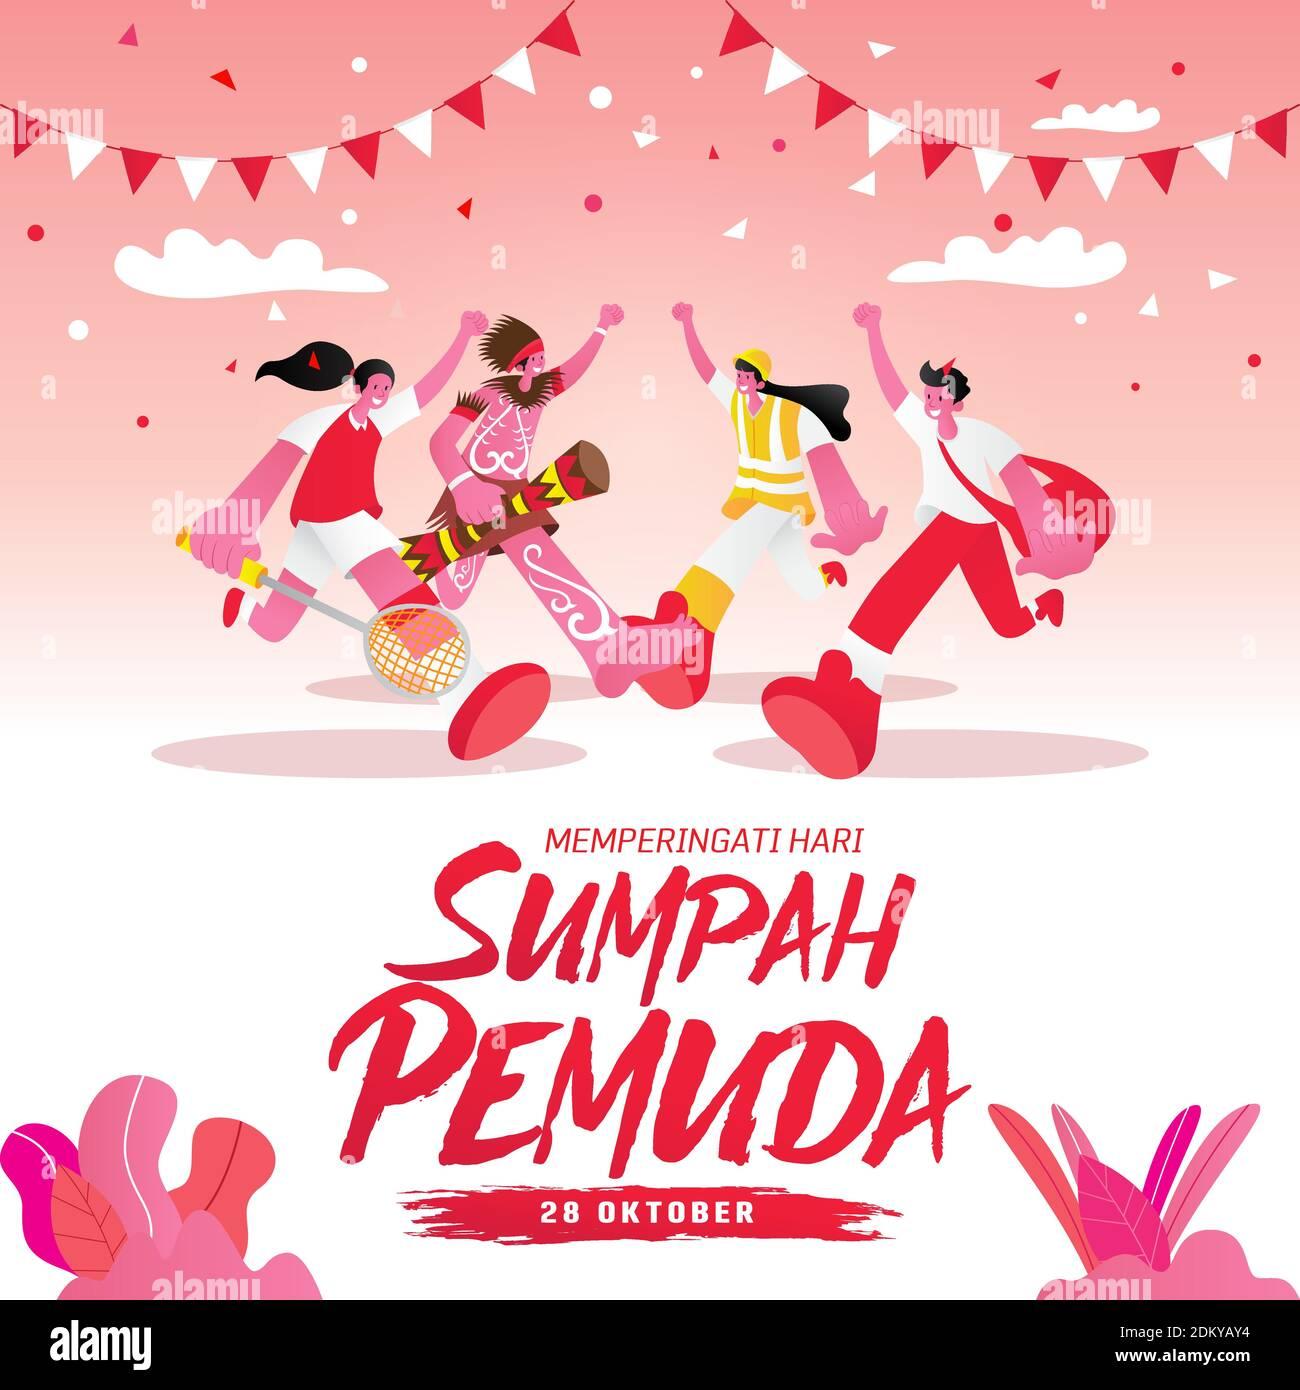 Ilustración vectorial. selamat hari Sumpah pemuda. Traducción: Feliz promesa de la juventud Indonesia. Adecuado para tarjetas de felicitación, pósteres y pancartas Ilustración del Vector